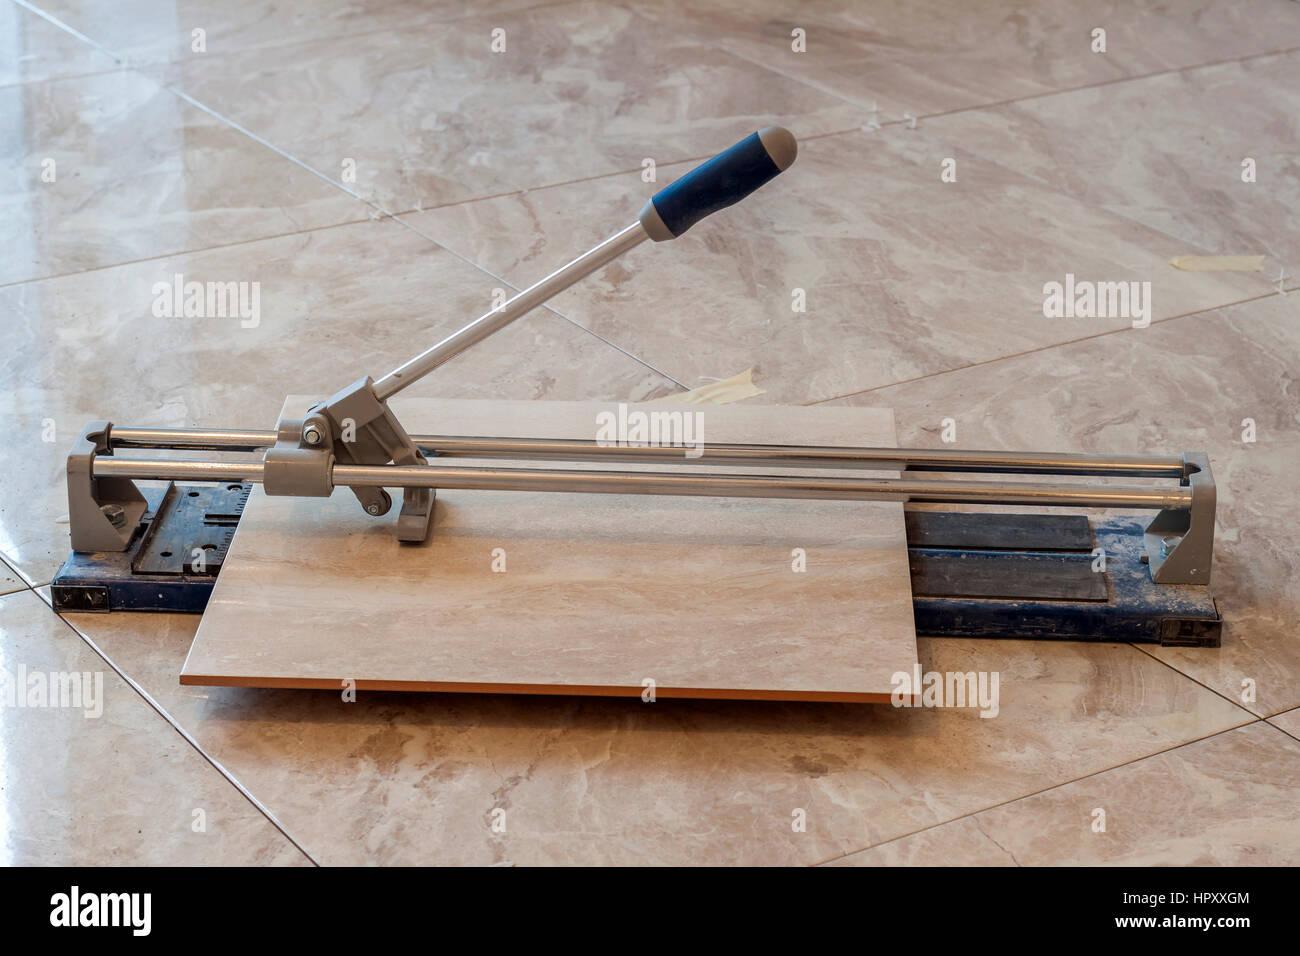 Floor tiling tools